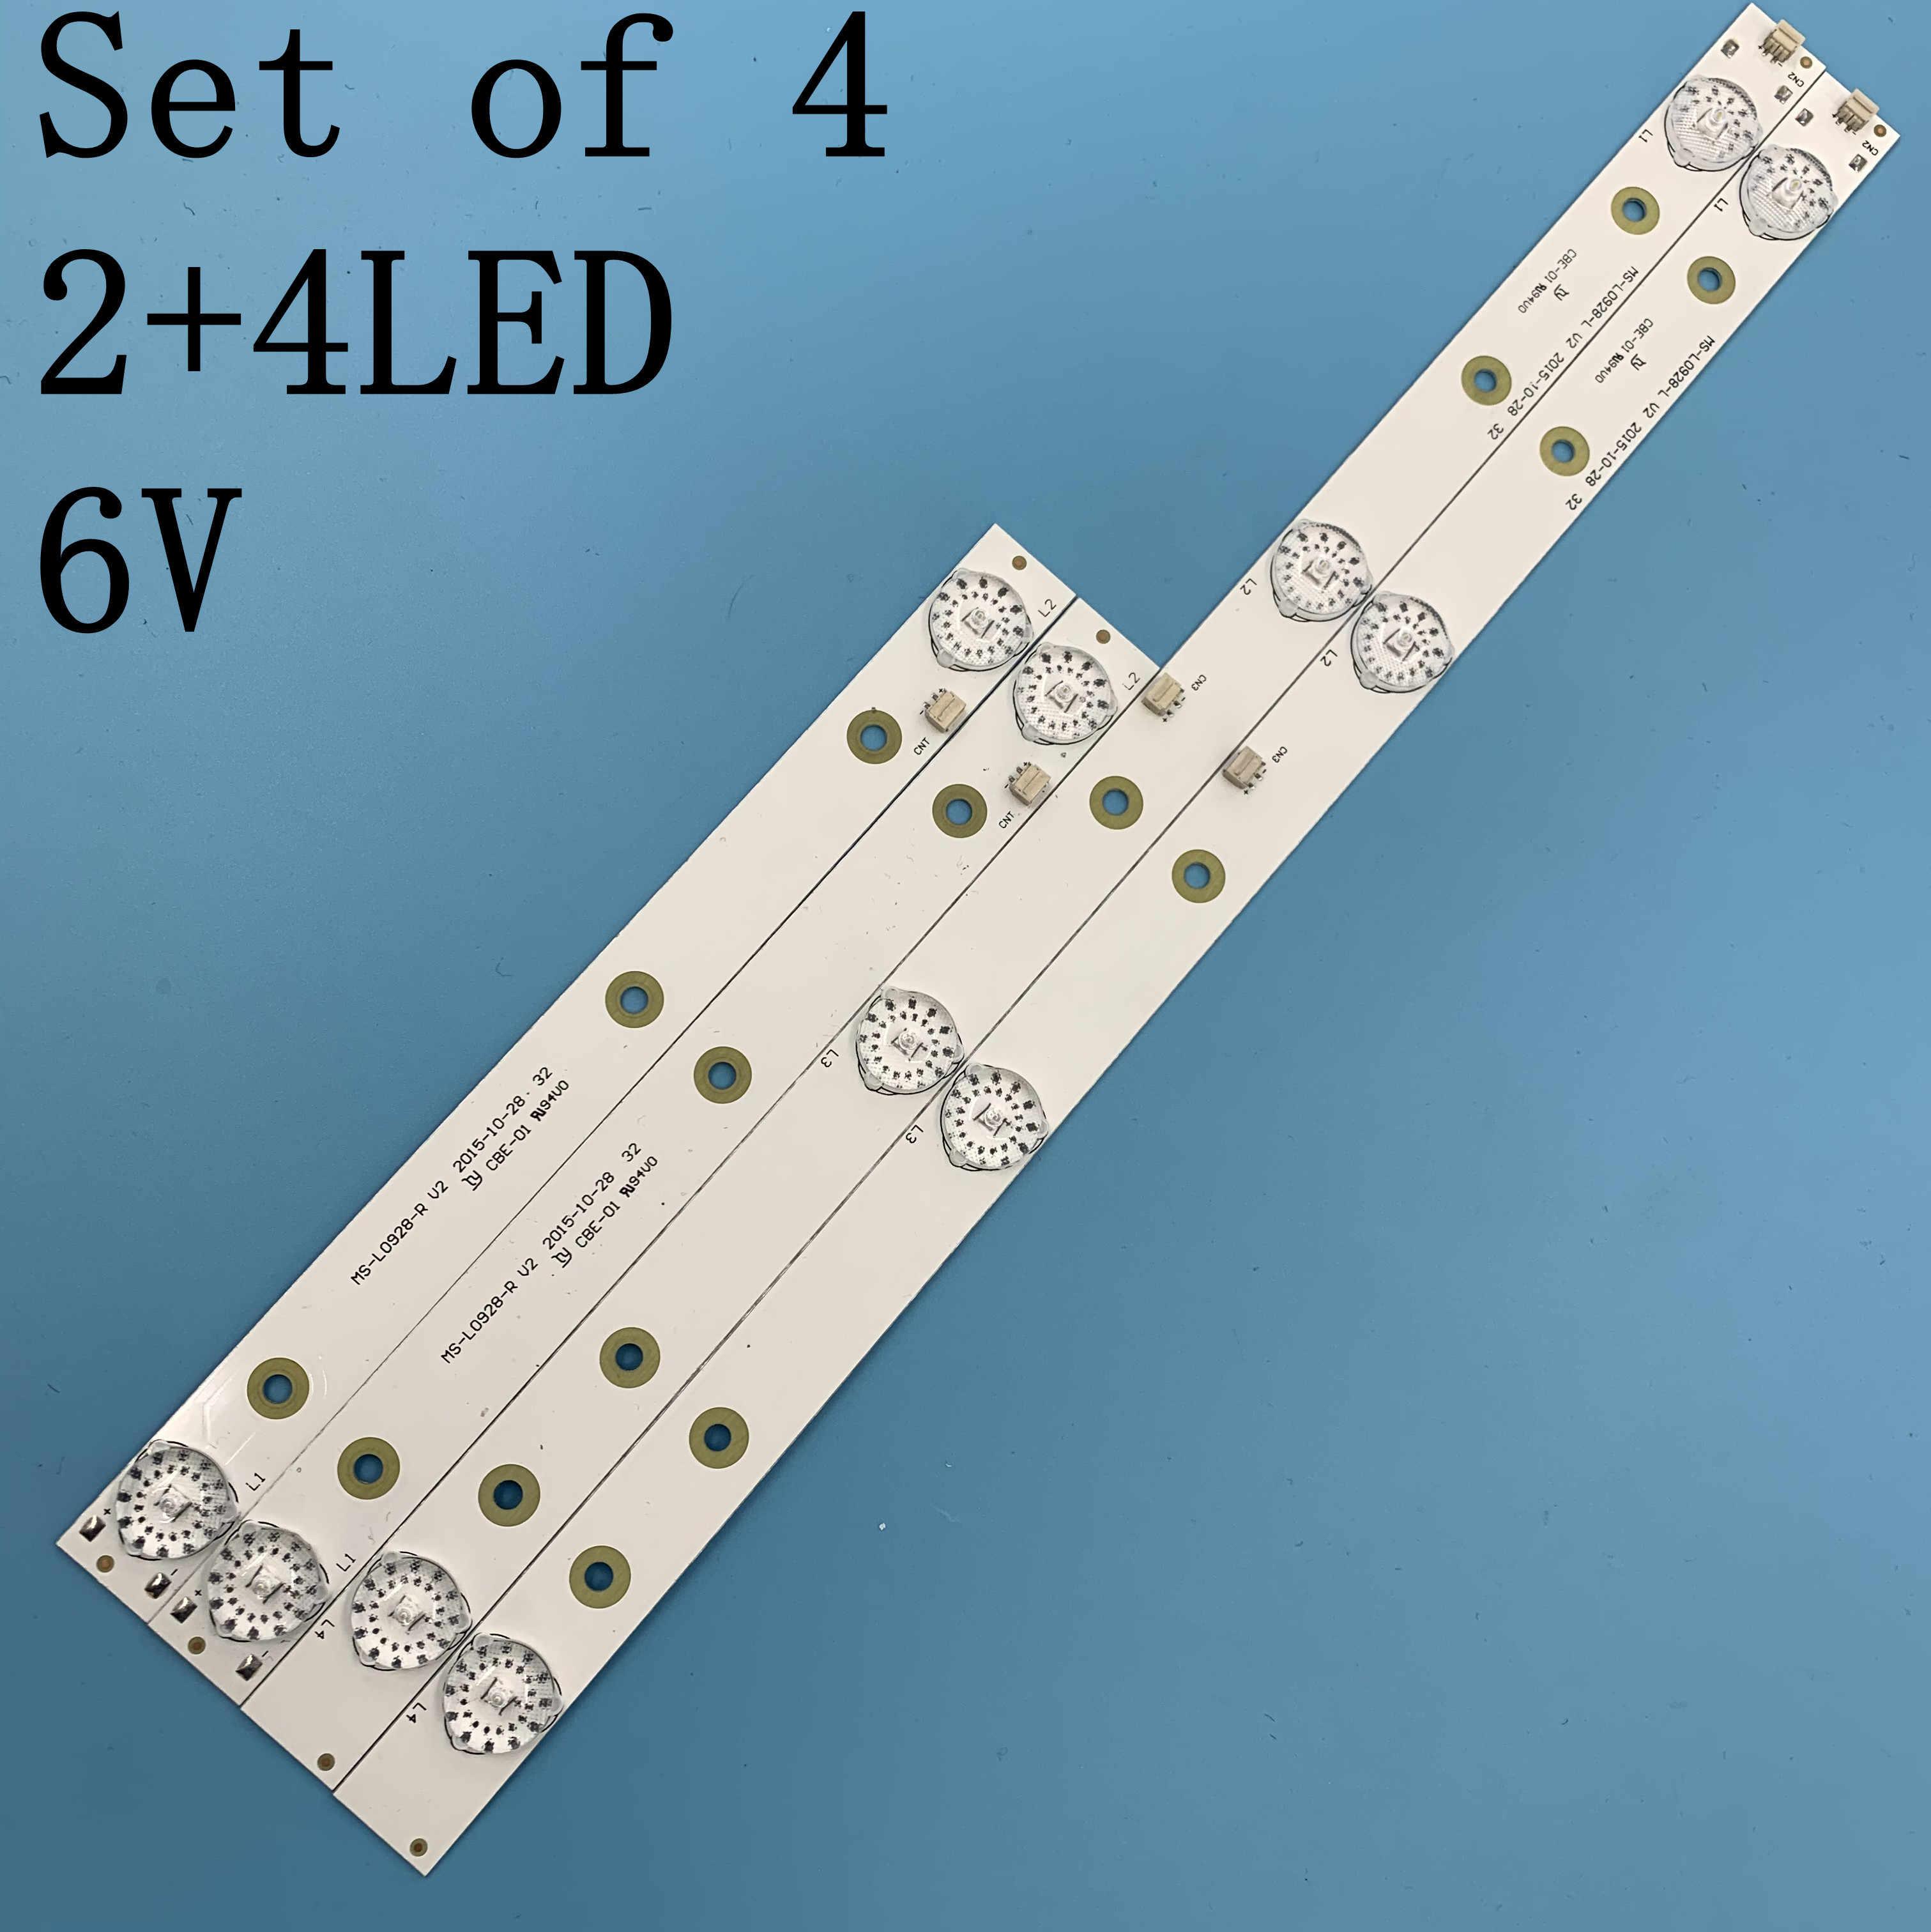 חדש 4 יח'\סט LED תאורה אחורית רצועת עבור akai AKTV3221 32LED38P JS-D-JP3220-041EC E32F2000 D32-0A35 MS-L0928-L R V2 HV320WHB-N80